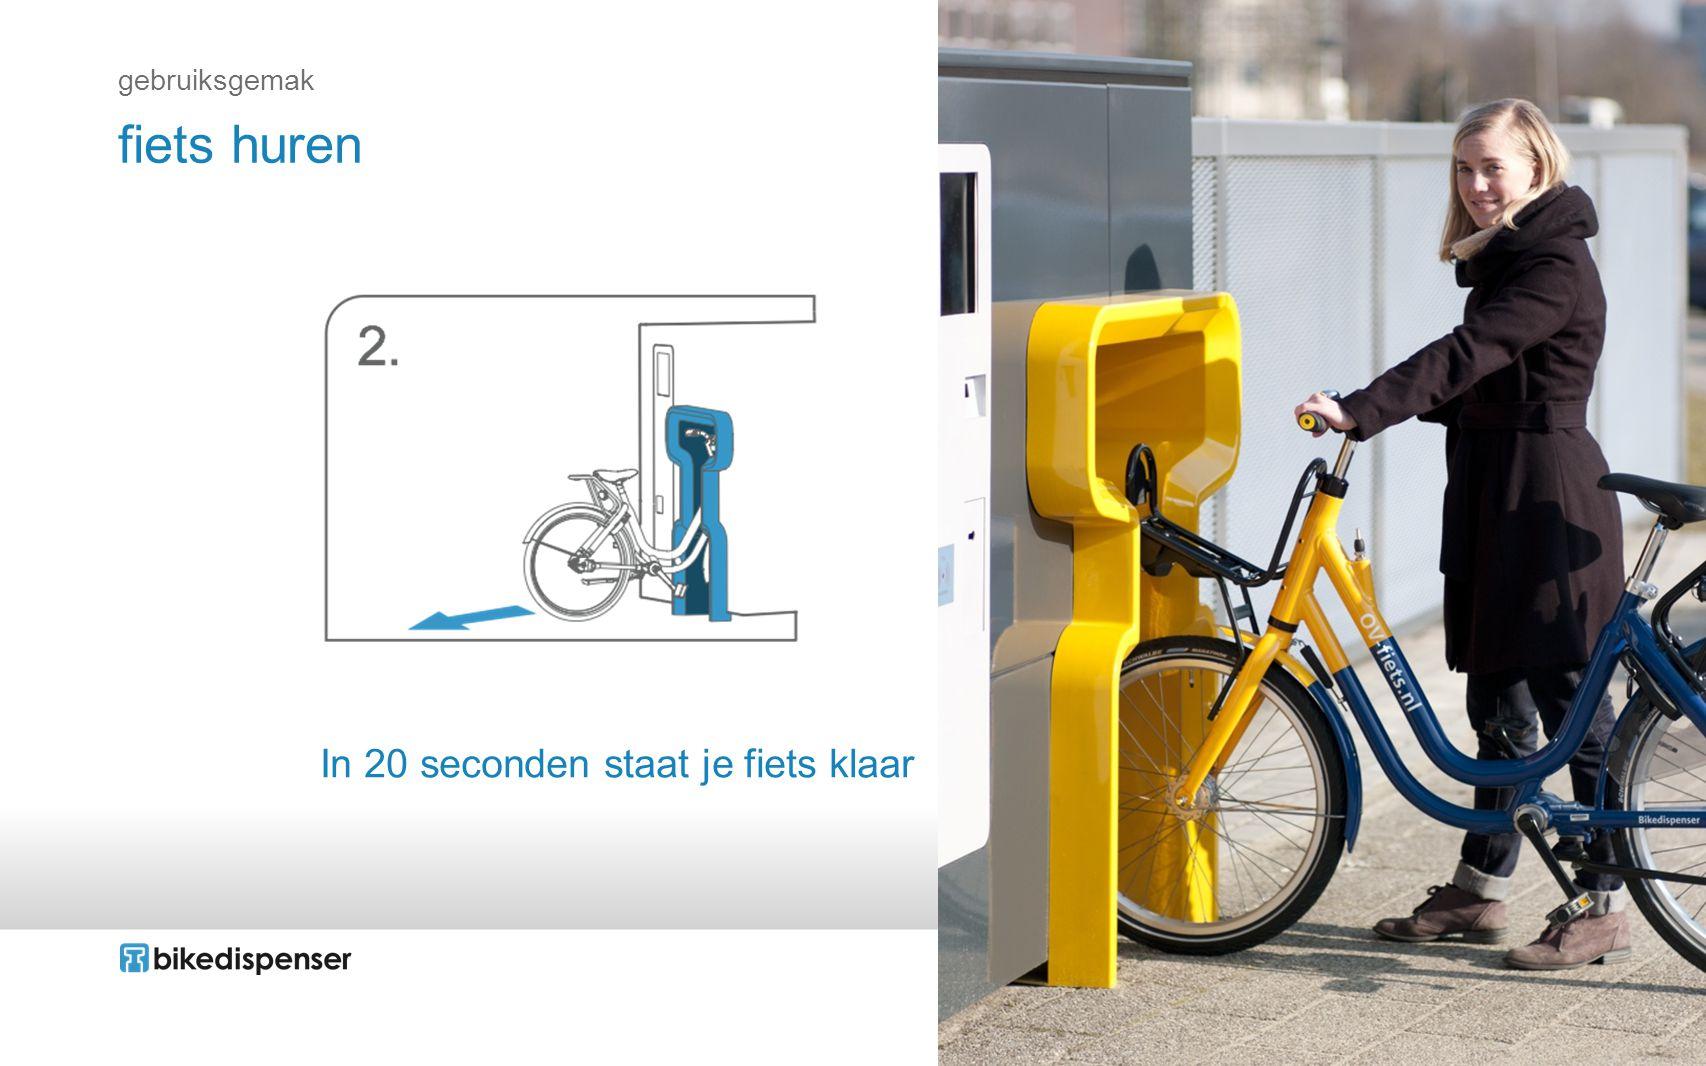 In 20 seconden staat je fiets klaar fiets huren gebruiksgemak